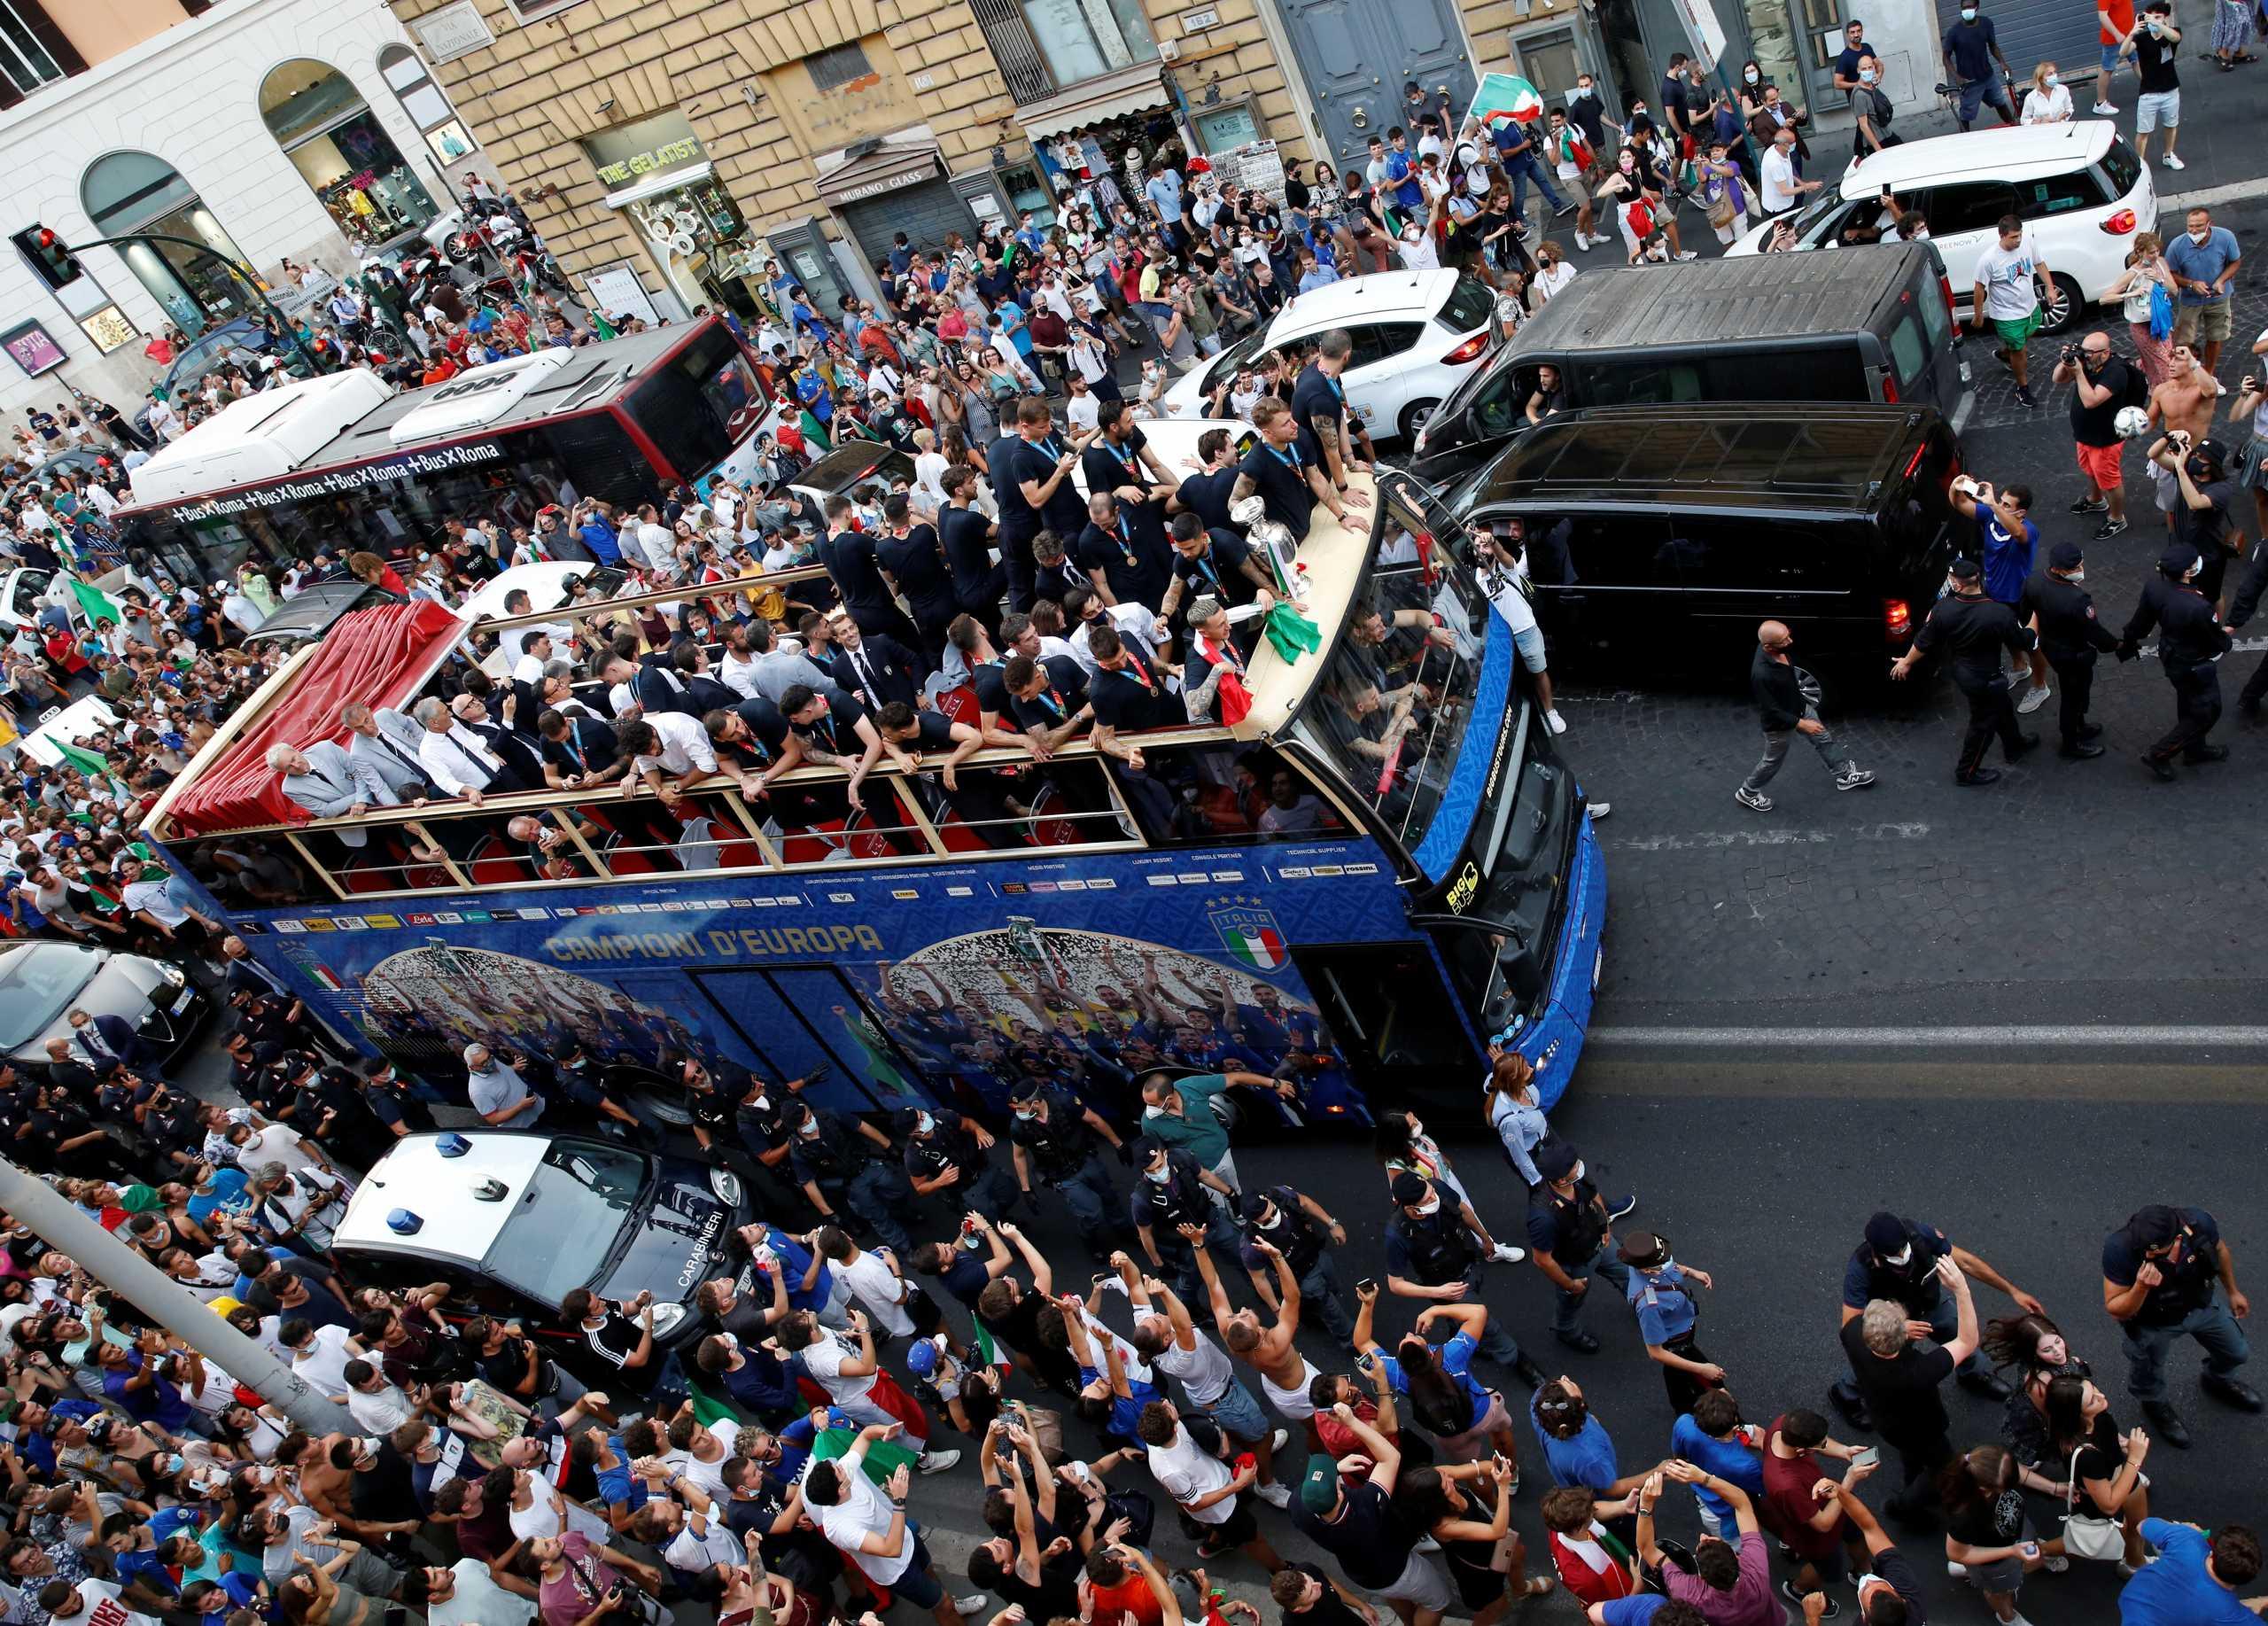 Ιταλία: Αντιδράσεις για το πάρτι των θριαμβευτών του Euro 2020 – Φόβοι για έκρηξη κρουσμάτων